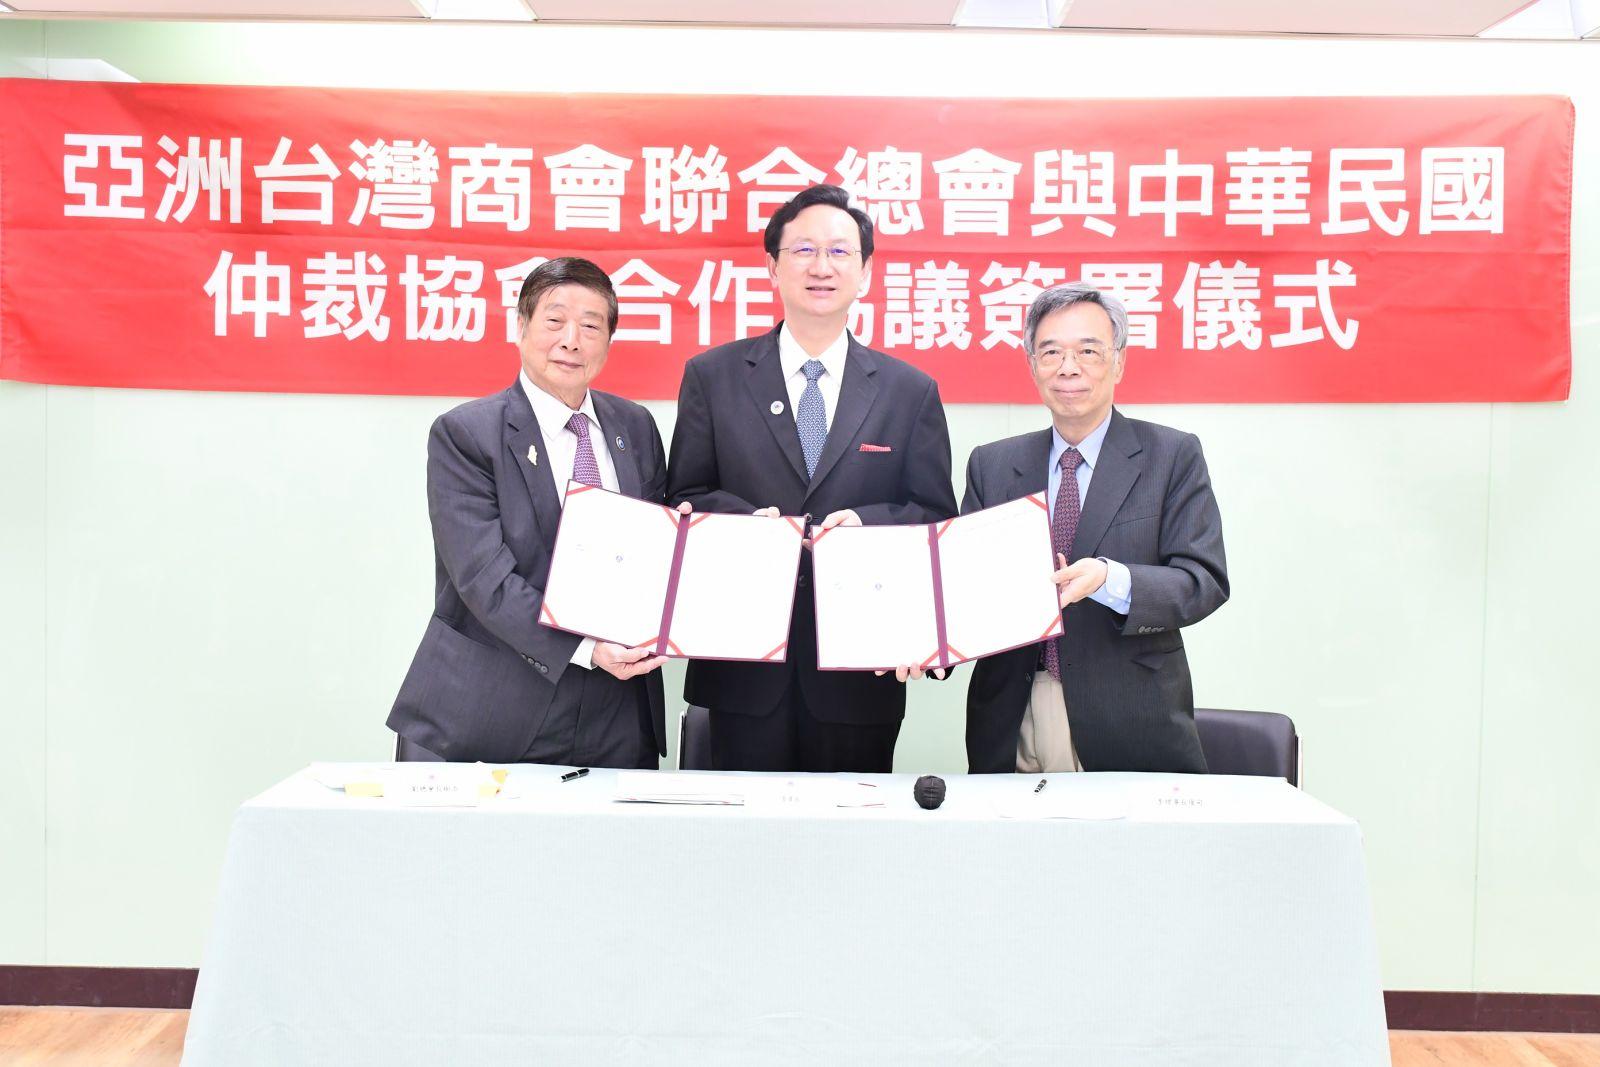 本會與亞洲臺灣商會聯合總會簽署合作協議<br />CAA and Asia Taiwanese Chambers of Commerce (ASTCC) signed cooperation agreement